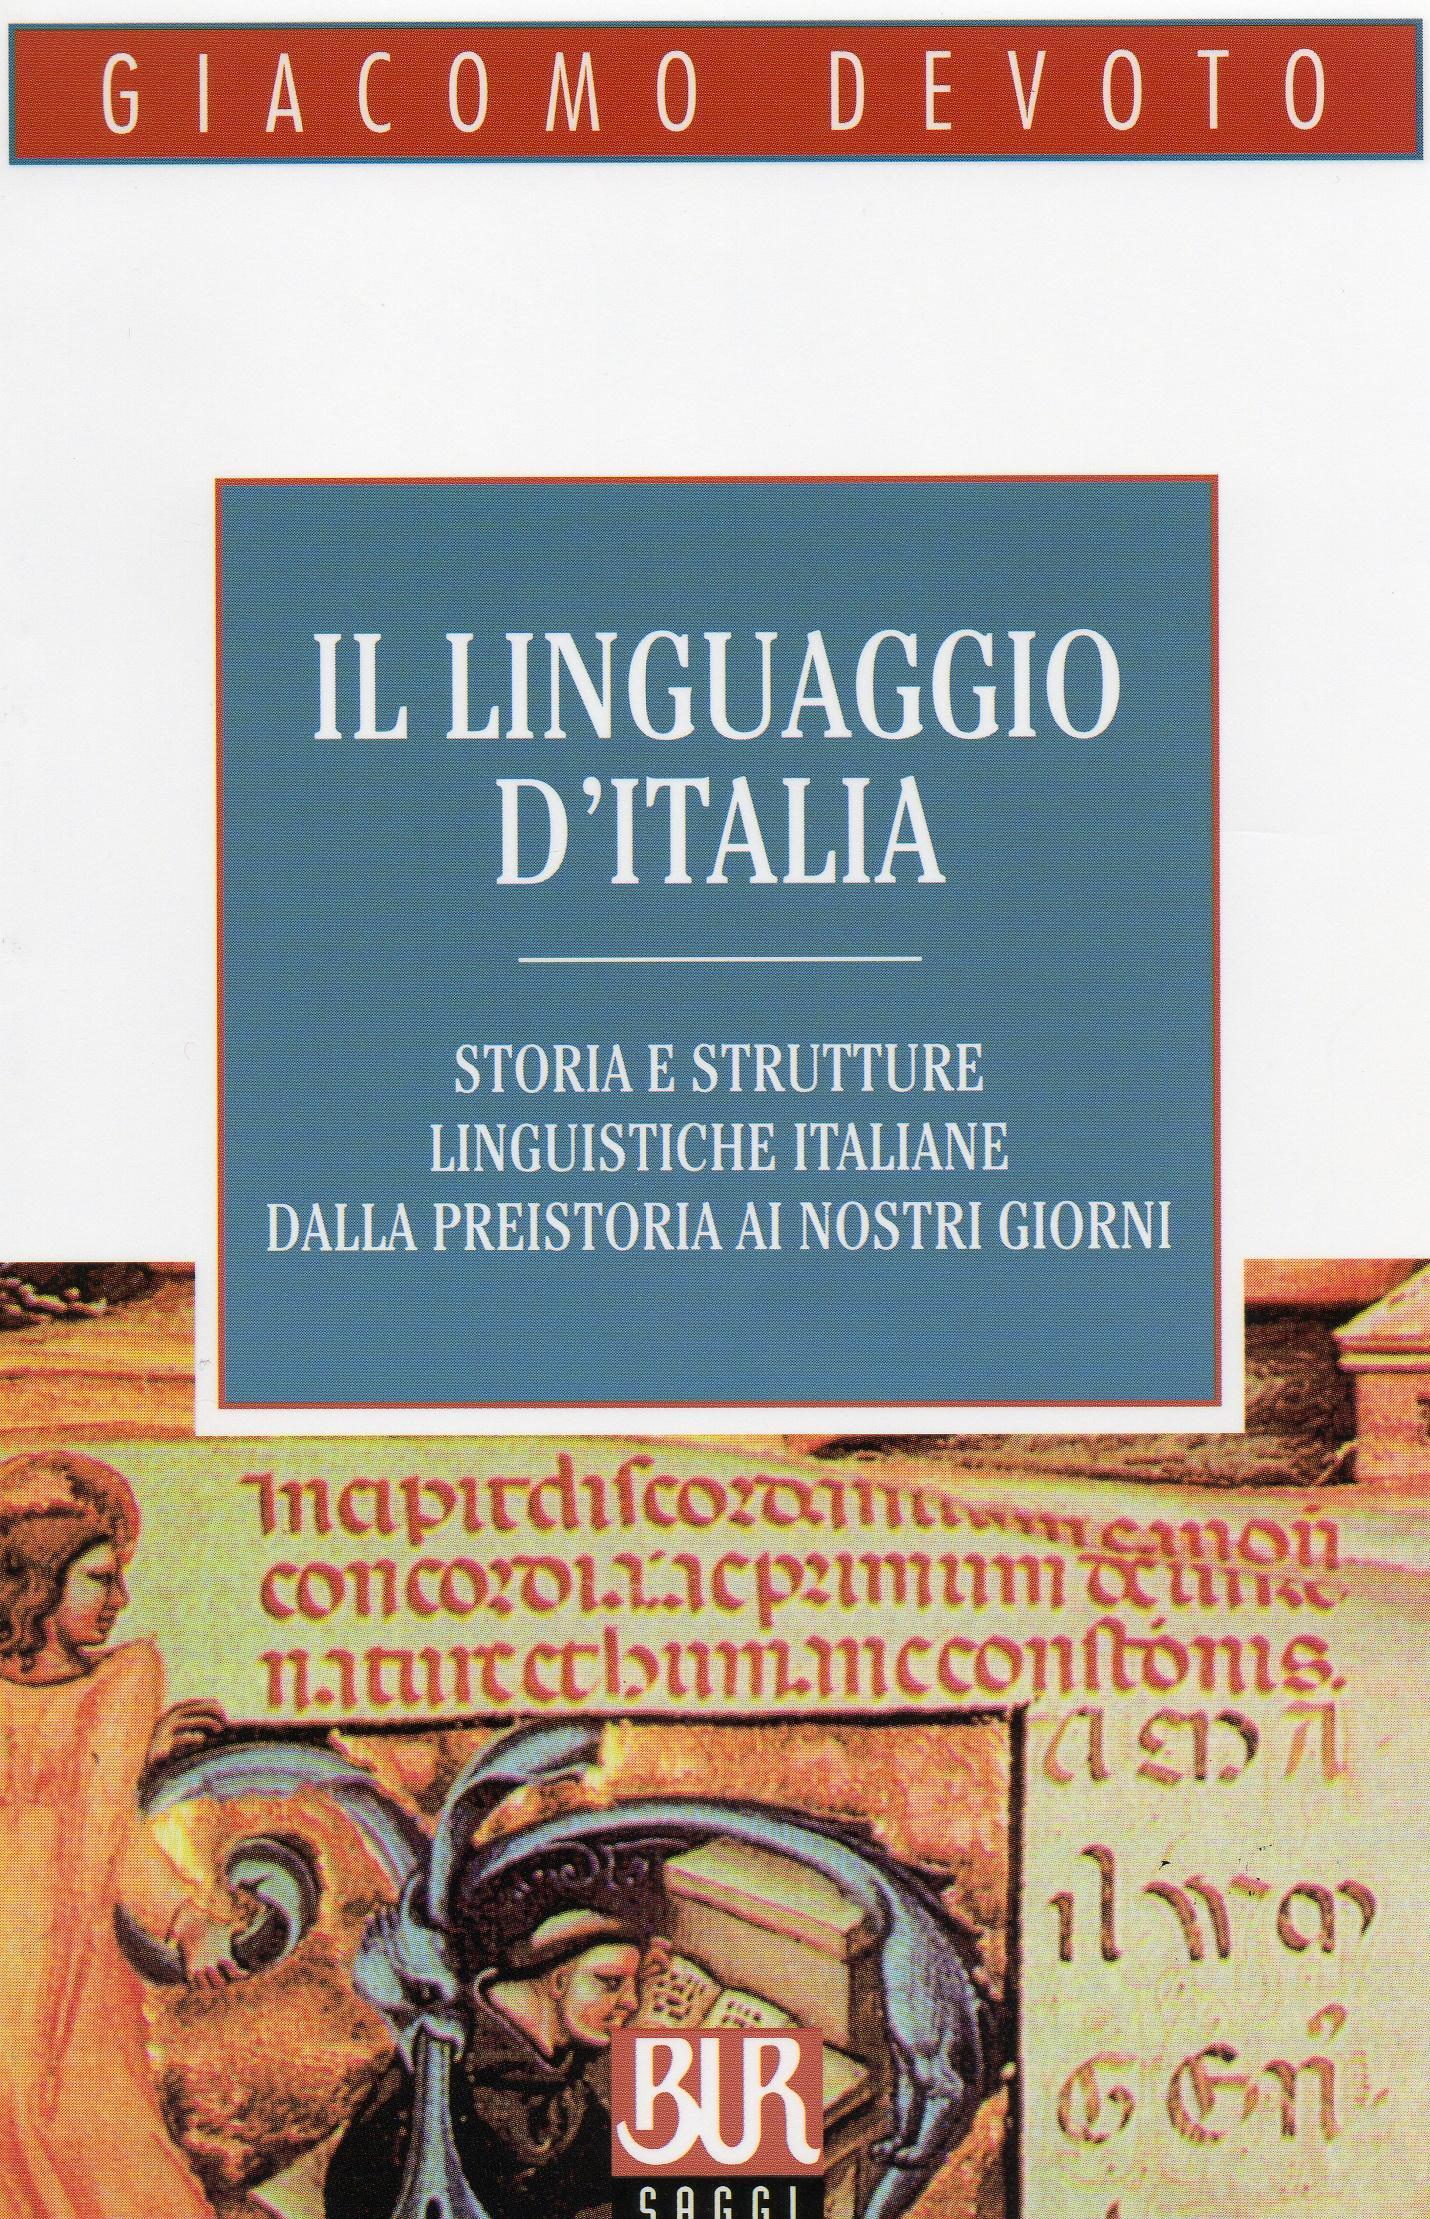 Il linguaggio d'Italia